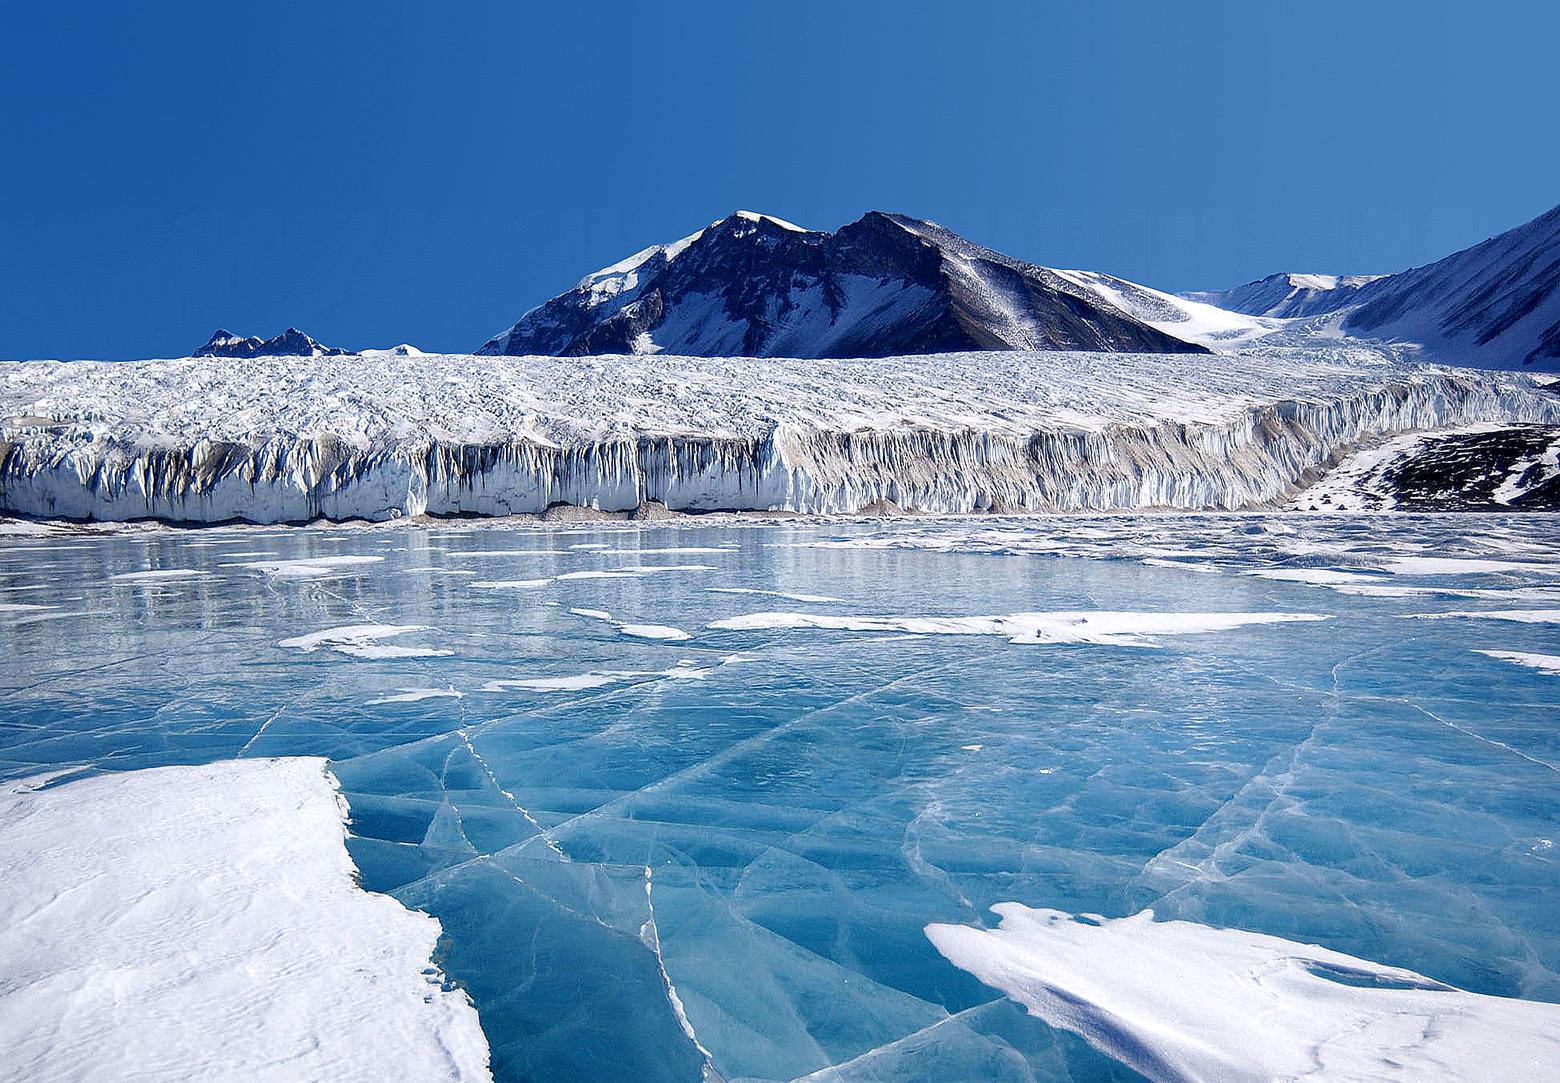 fryxellsee_opt Ученые считают что в древности климат Антарктики был схож с климатом в современной Калифорнии